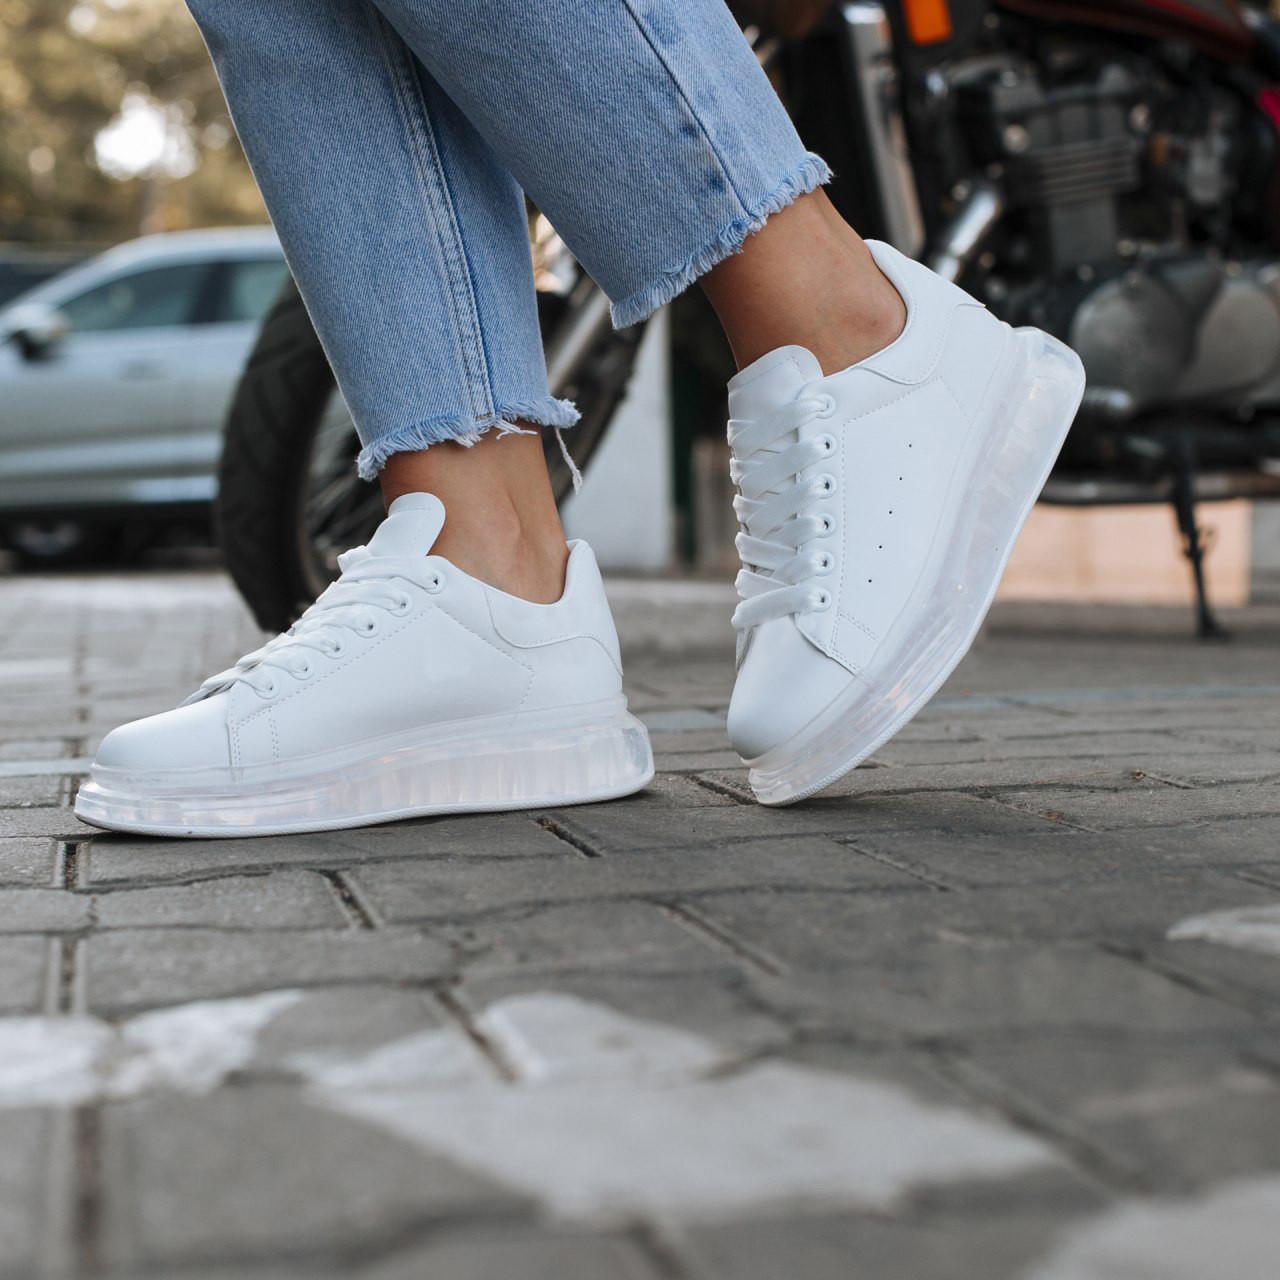 Білі кросівки alexander mcqueen деми демісезон еко шкіра шкіряні